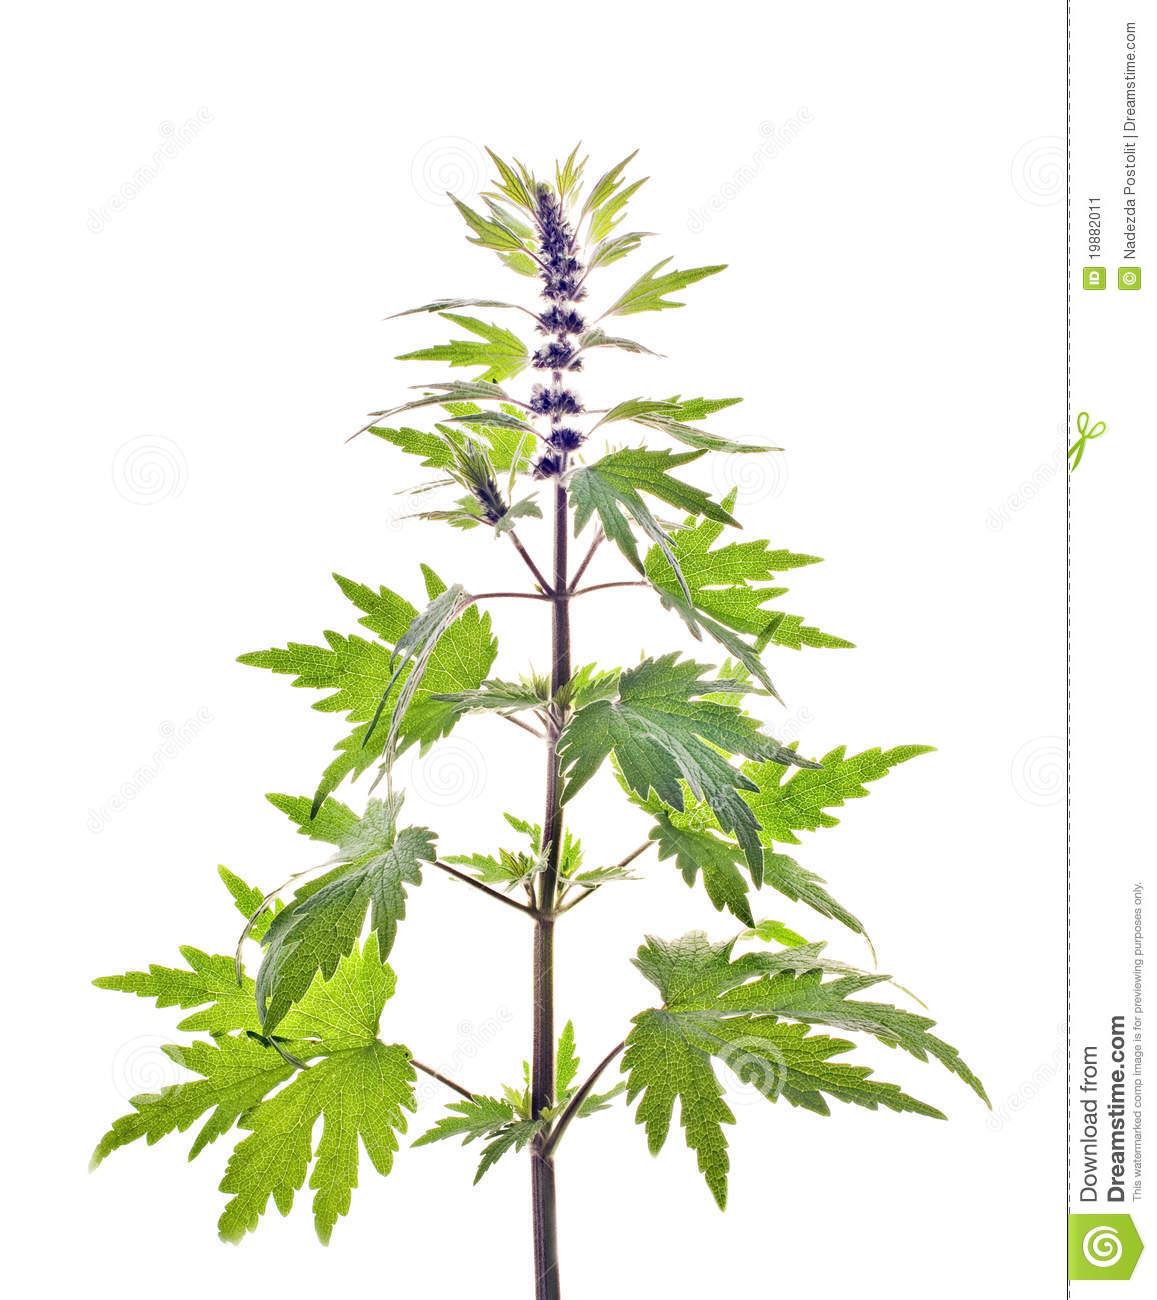 Motherwort, Leonurus L. Stock Image.